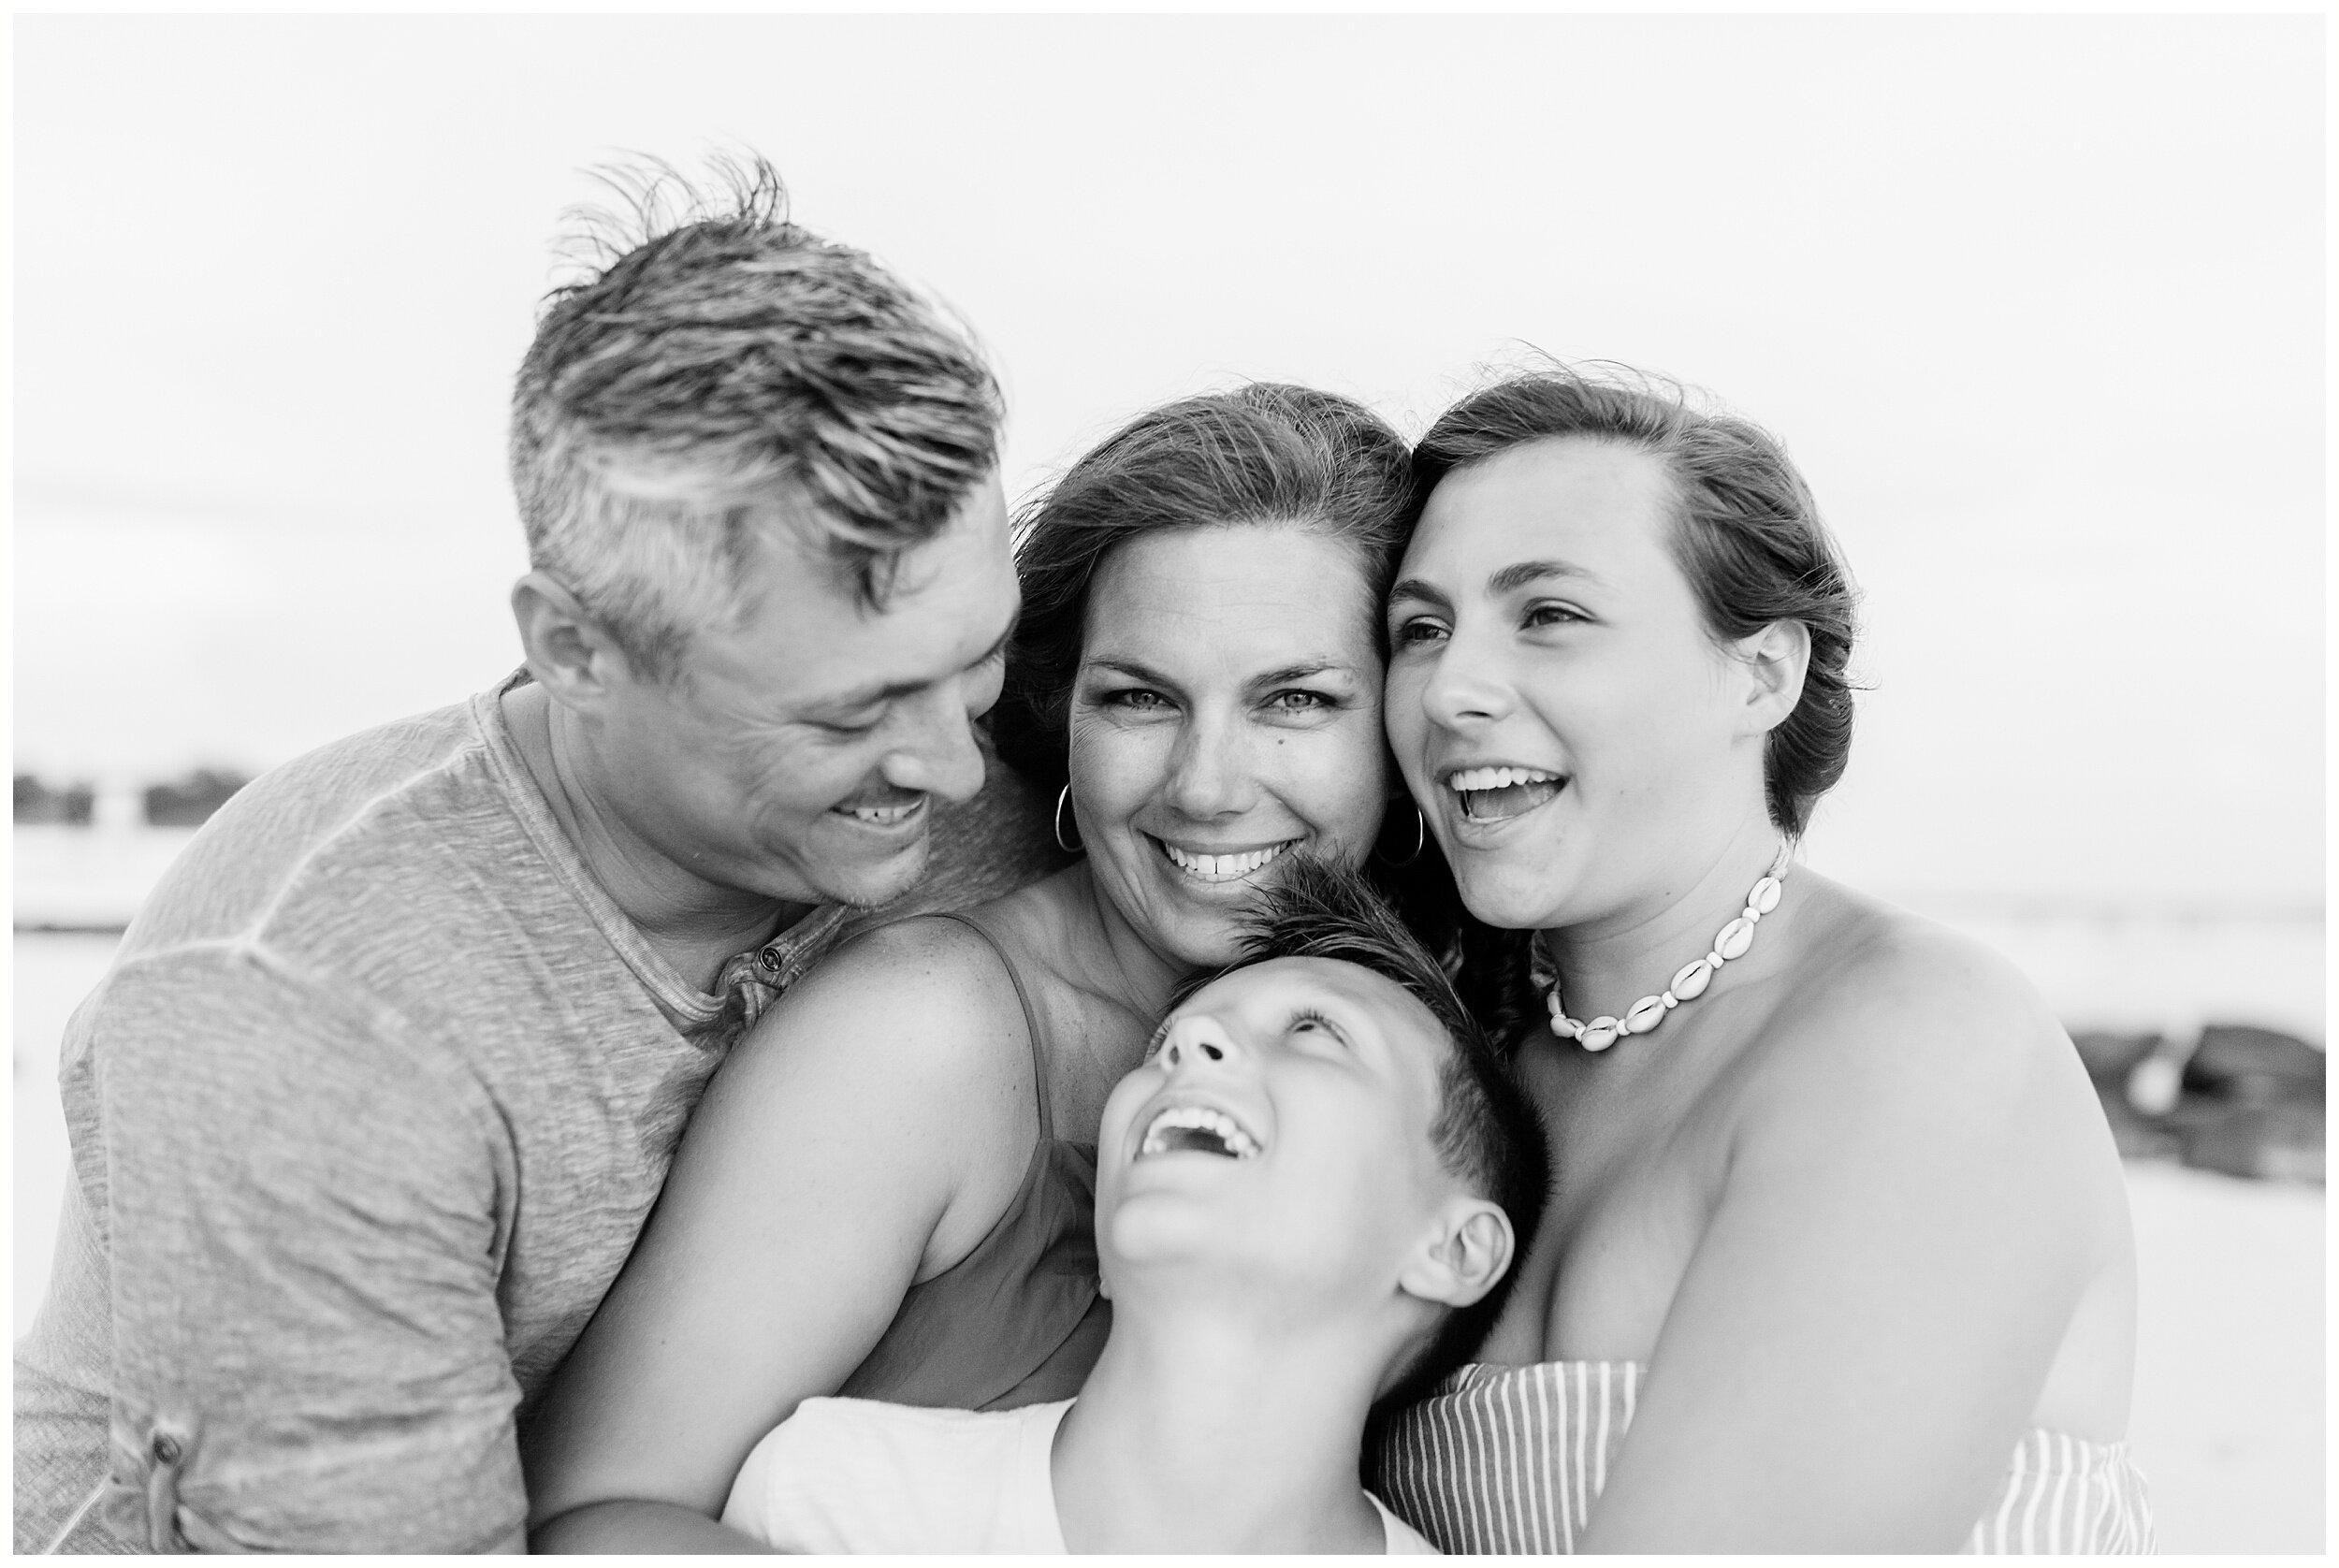 lexington-ky-family-lifestyle-photographer-priscilla-baierlein_1696.jpg